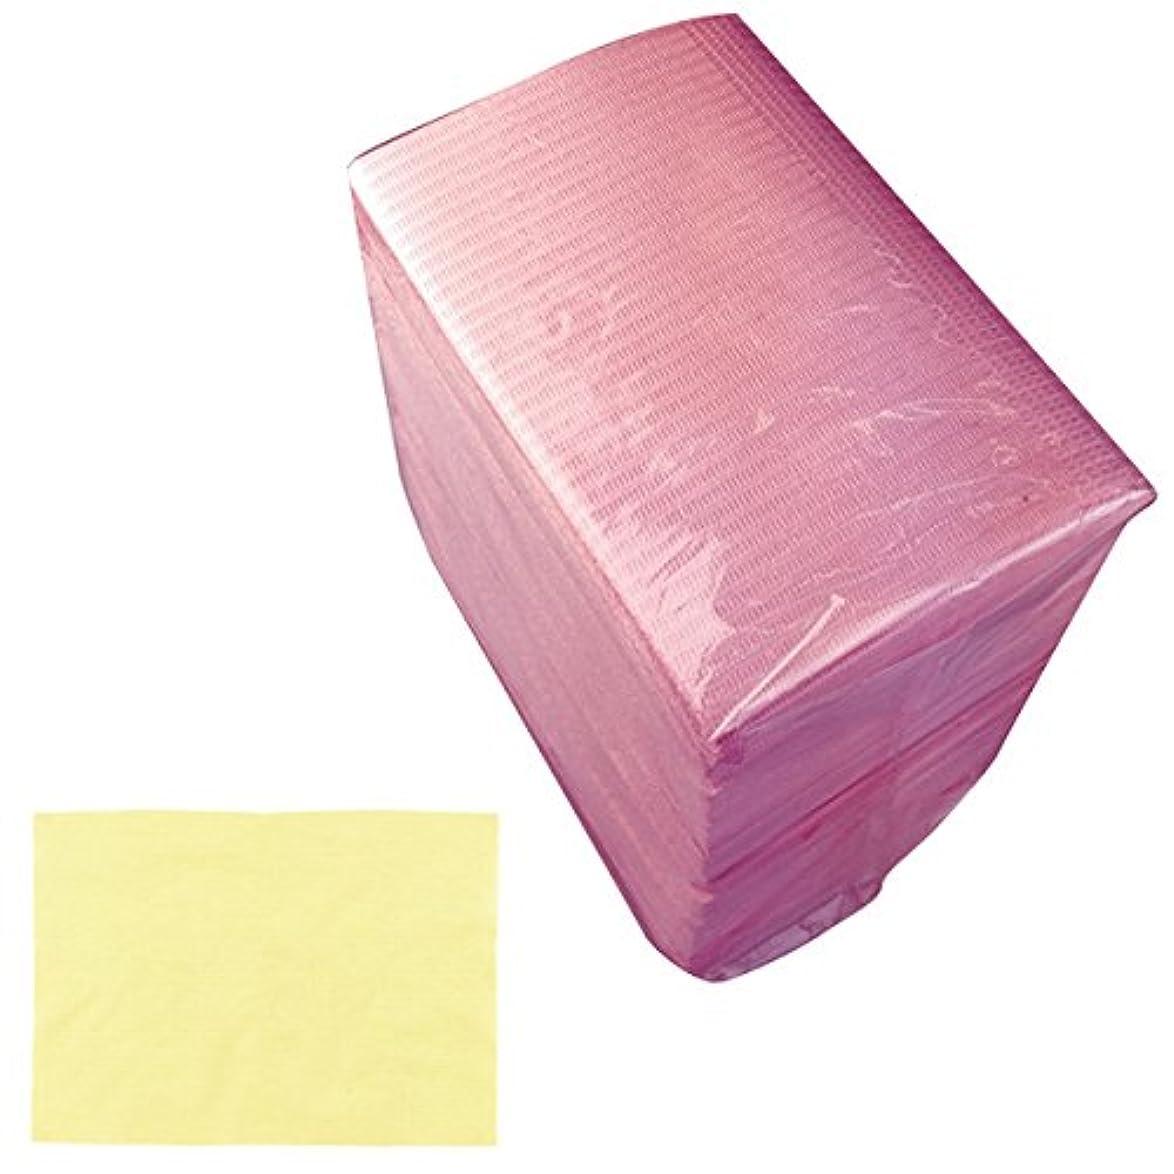 隣接する静けさボーカルリセラバリュー 紙エプロン 全3色 (500枚入) [ ネイルシート ネイルクロス ネイルマット ネイルペーパー 防水ペーパー ペーパークロス テーブルシート ネイルテーブル ネイルデスク 使い捨て ペーパー 紙 ディスポ...